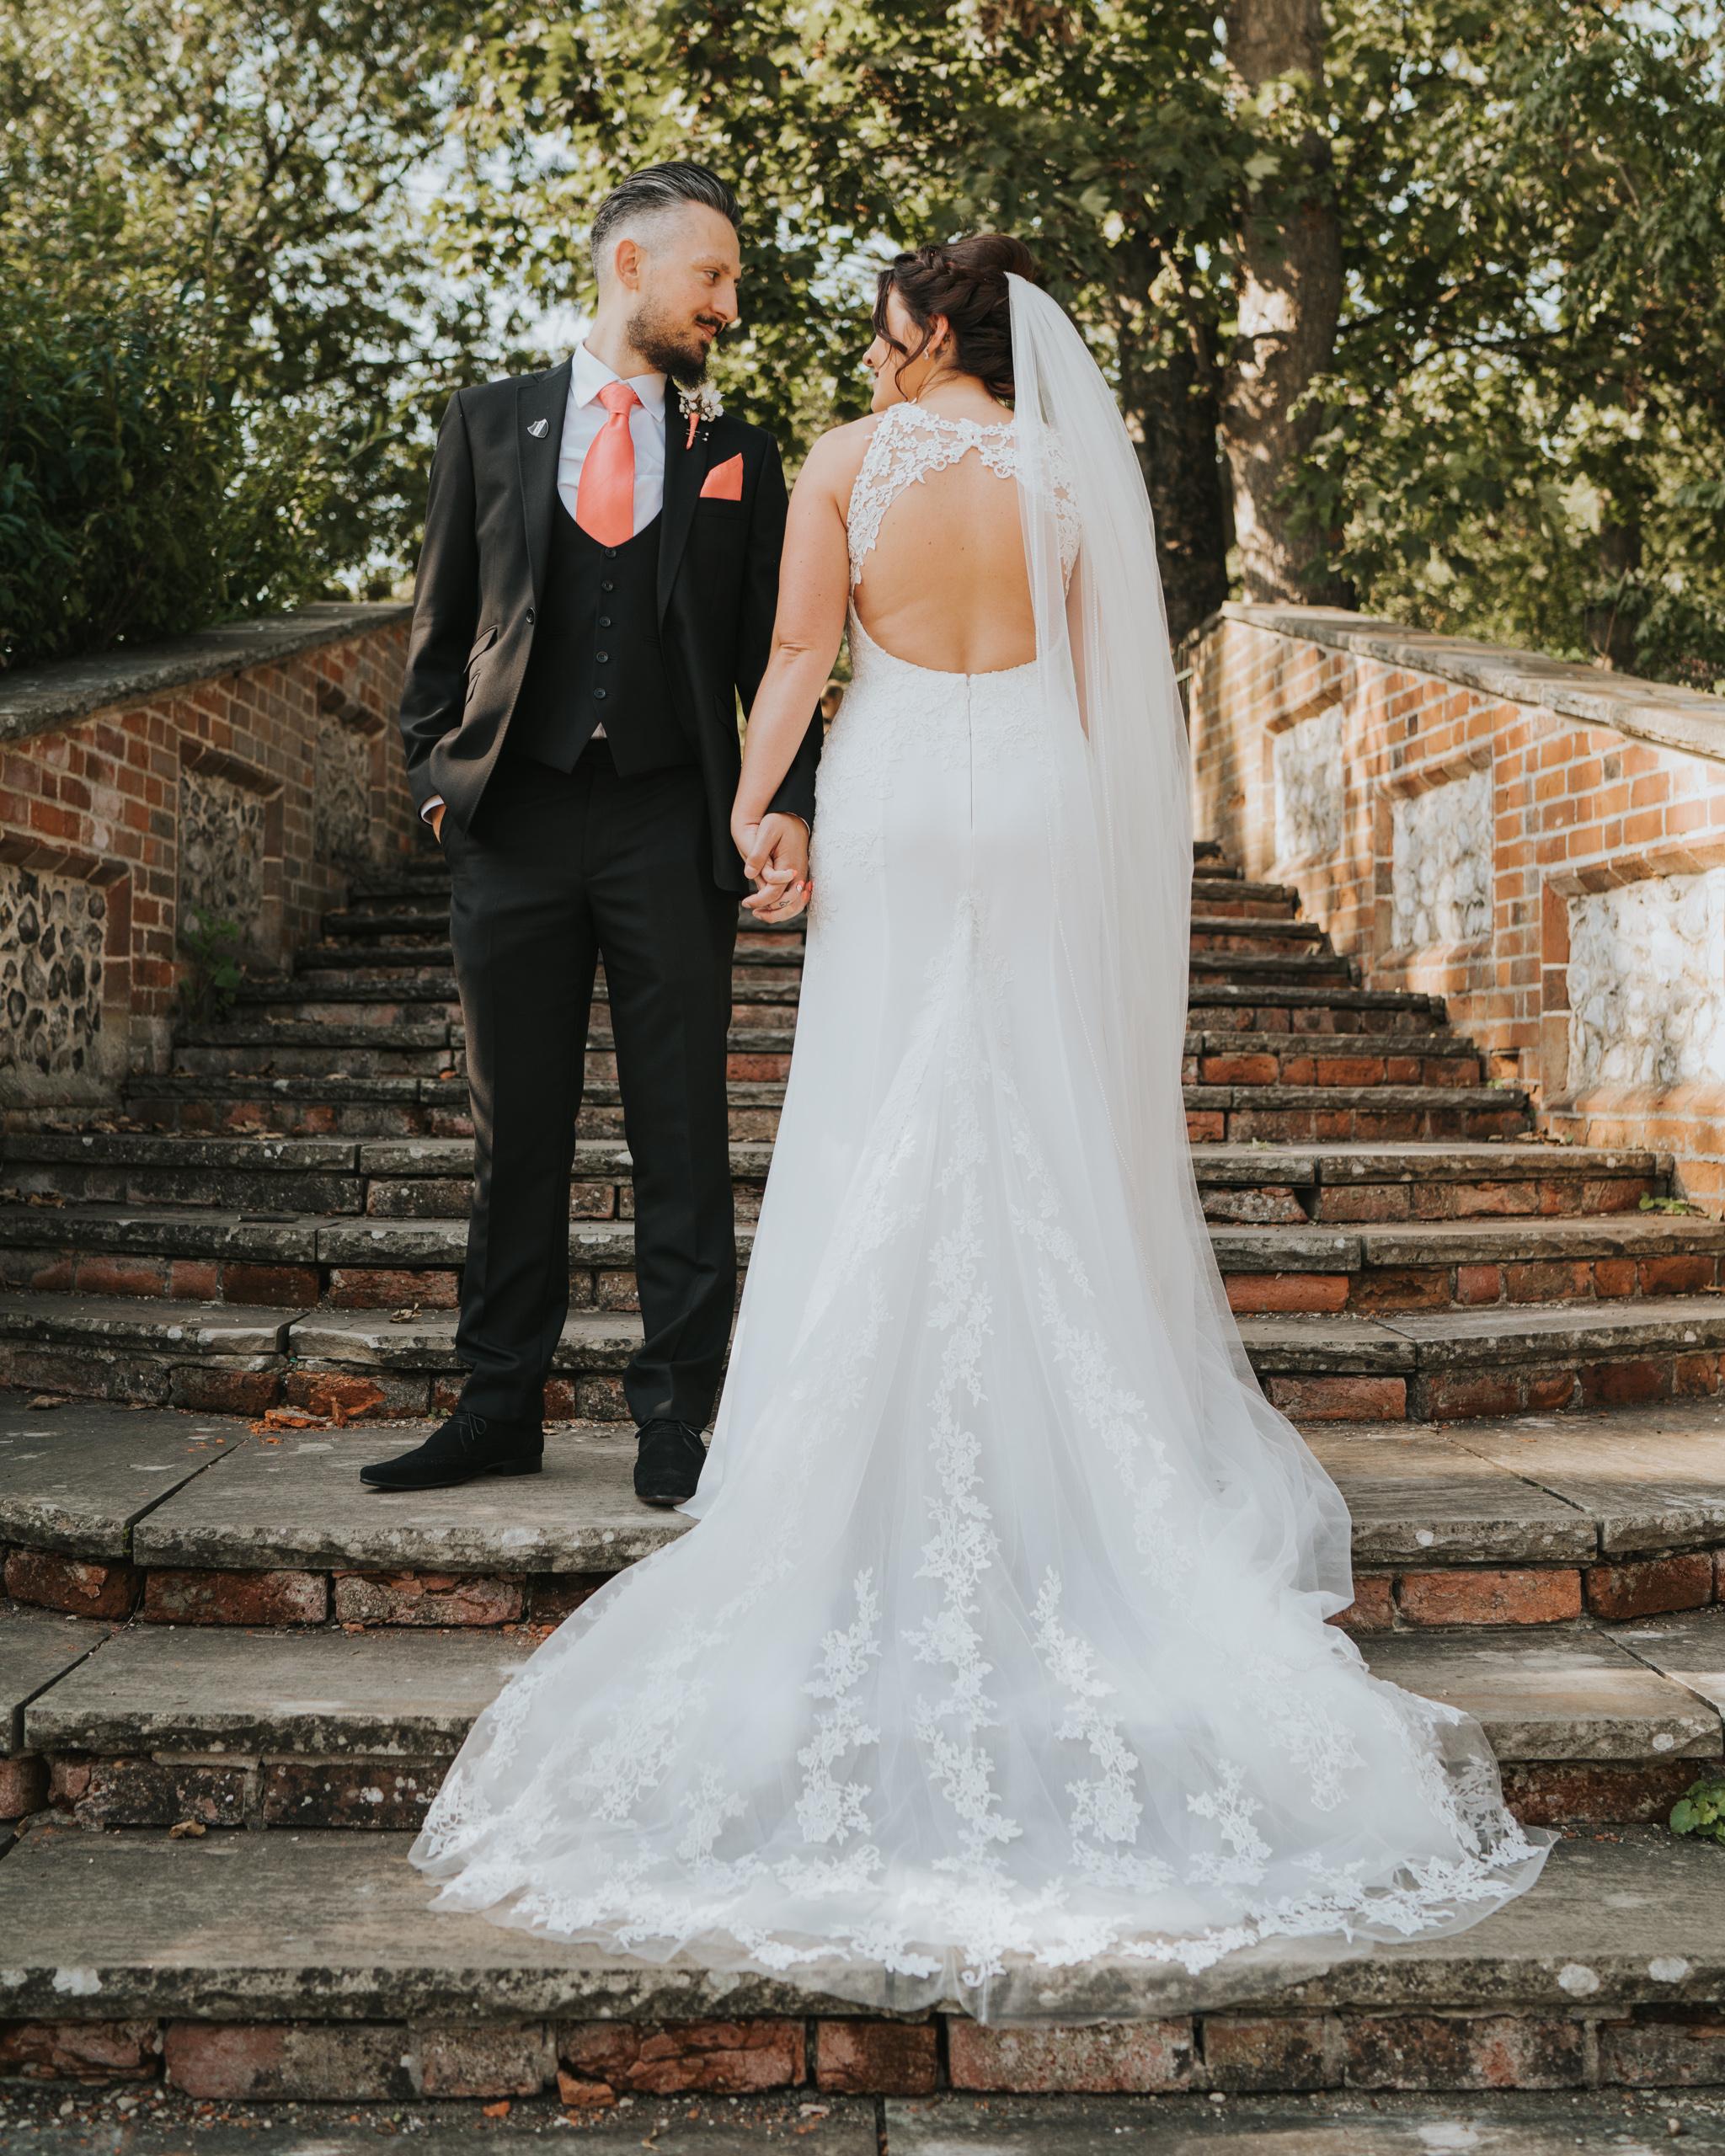 Joe-Tiffany-Colchester-Castle-Wedding-Essex-Grace-Elizabeth-Colchester-Essex-Alternative-Wedding-Photographer-Suffolk-Norfolk-Devon (70 of 122).jpg